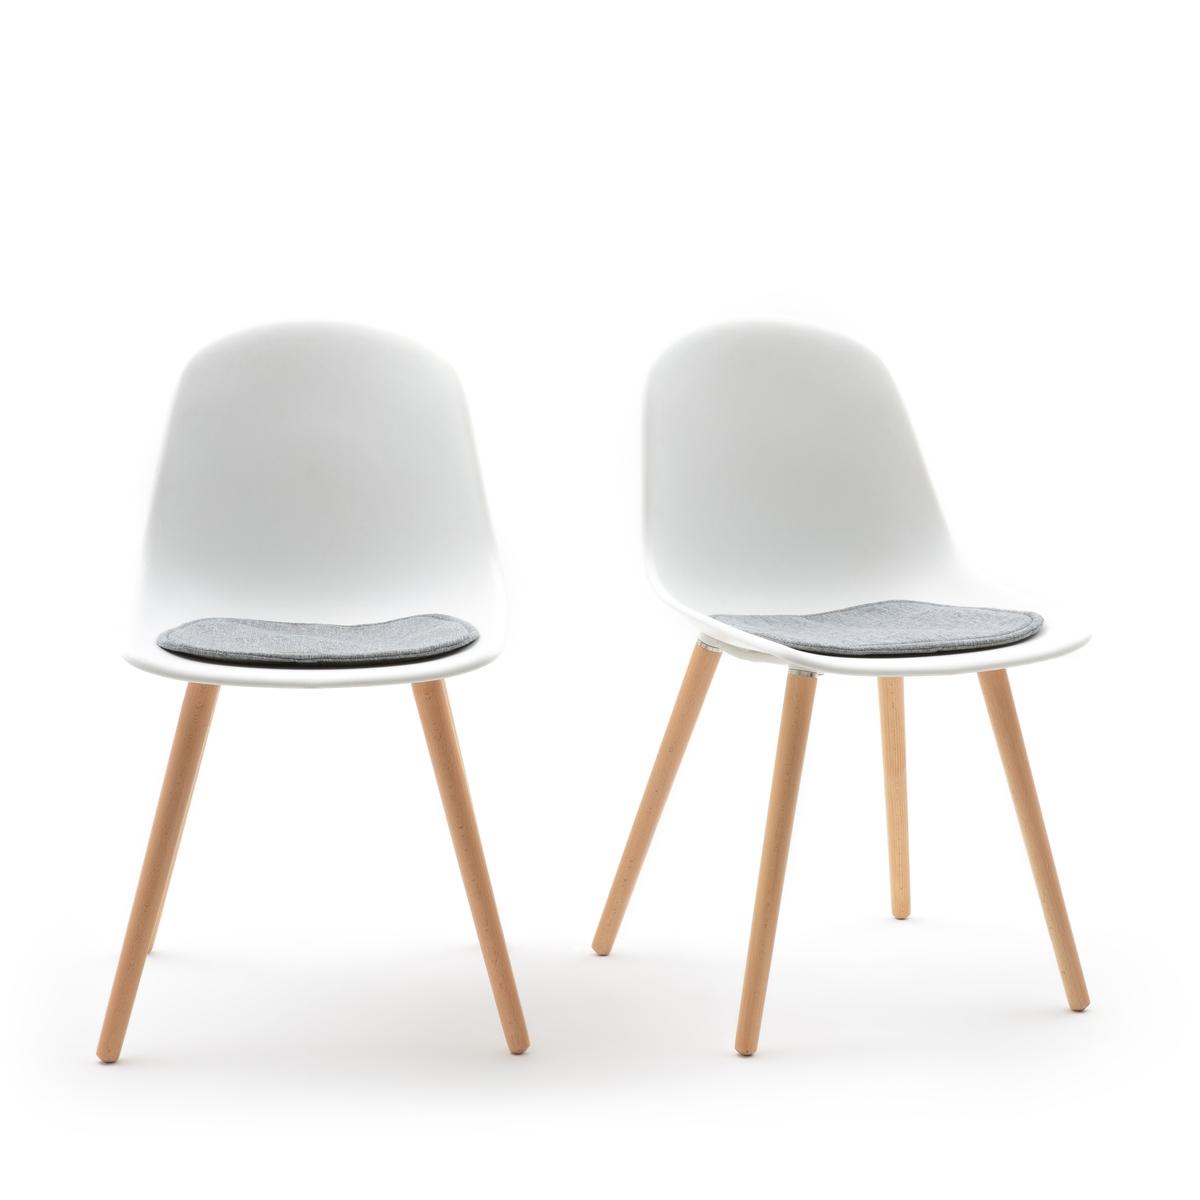 Комплект из 2 стульев с LaRedoute Пластиковым сиденьем Wapong единый размер белый кресла la redoute wapong единый размер белый